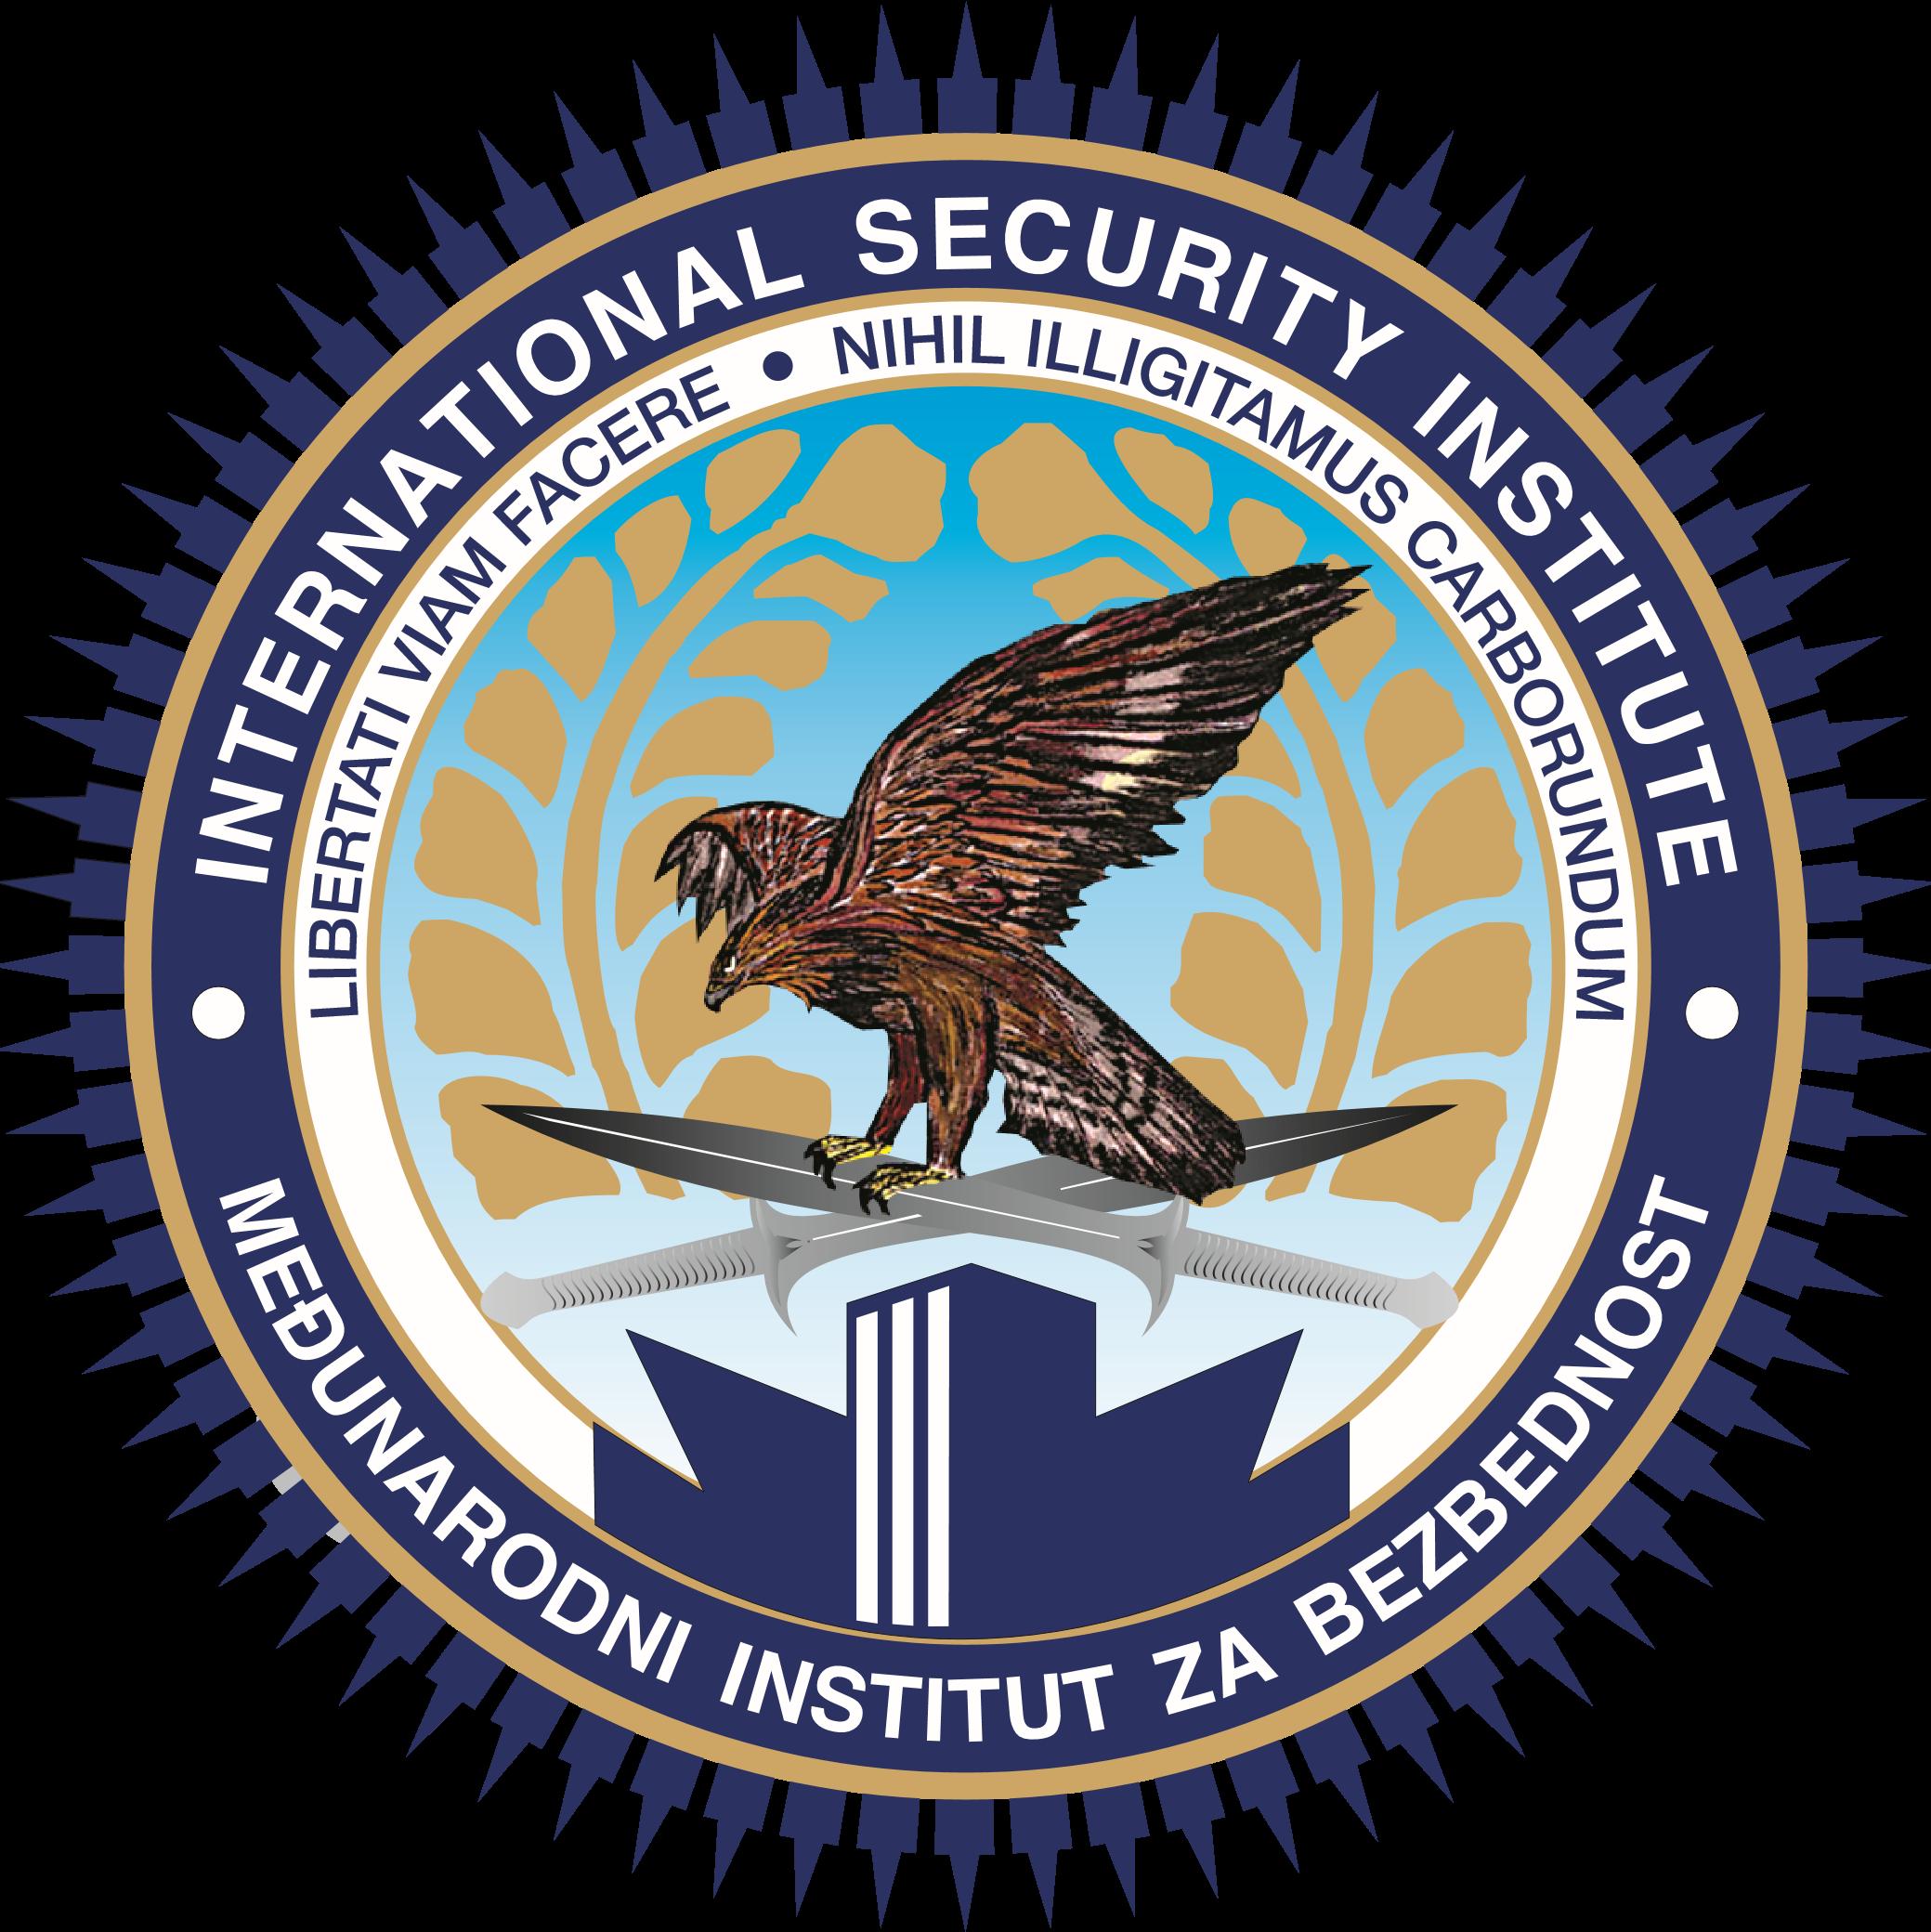 Međunarodni Institut za Bezbednost